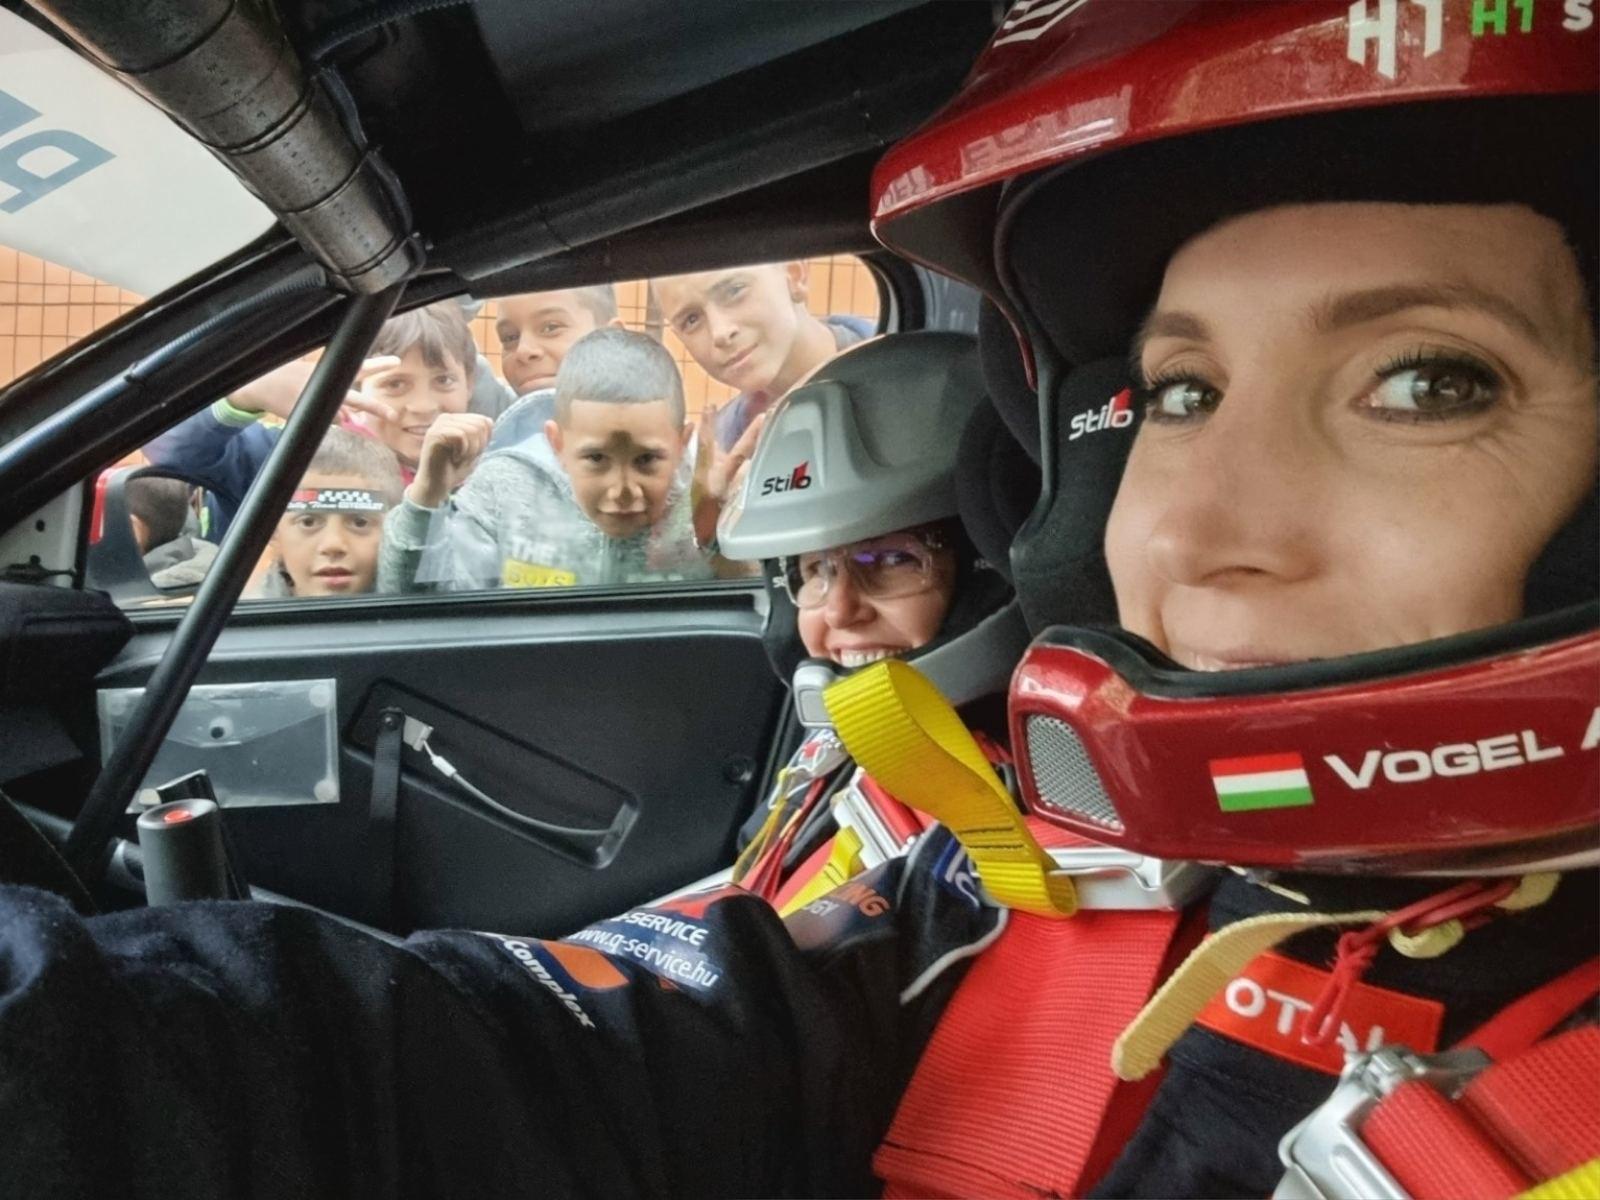 Újabb dobogó Vogel Adriéknak a Peugeot kupában